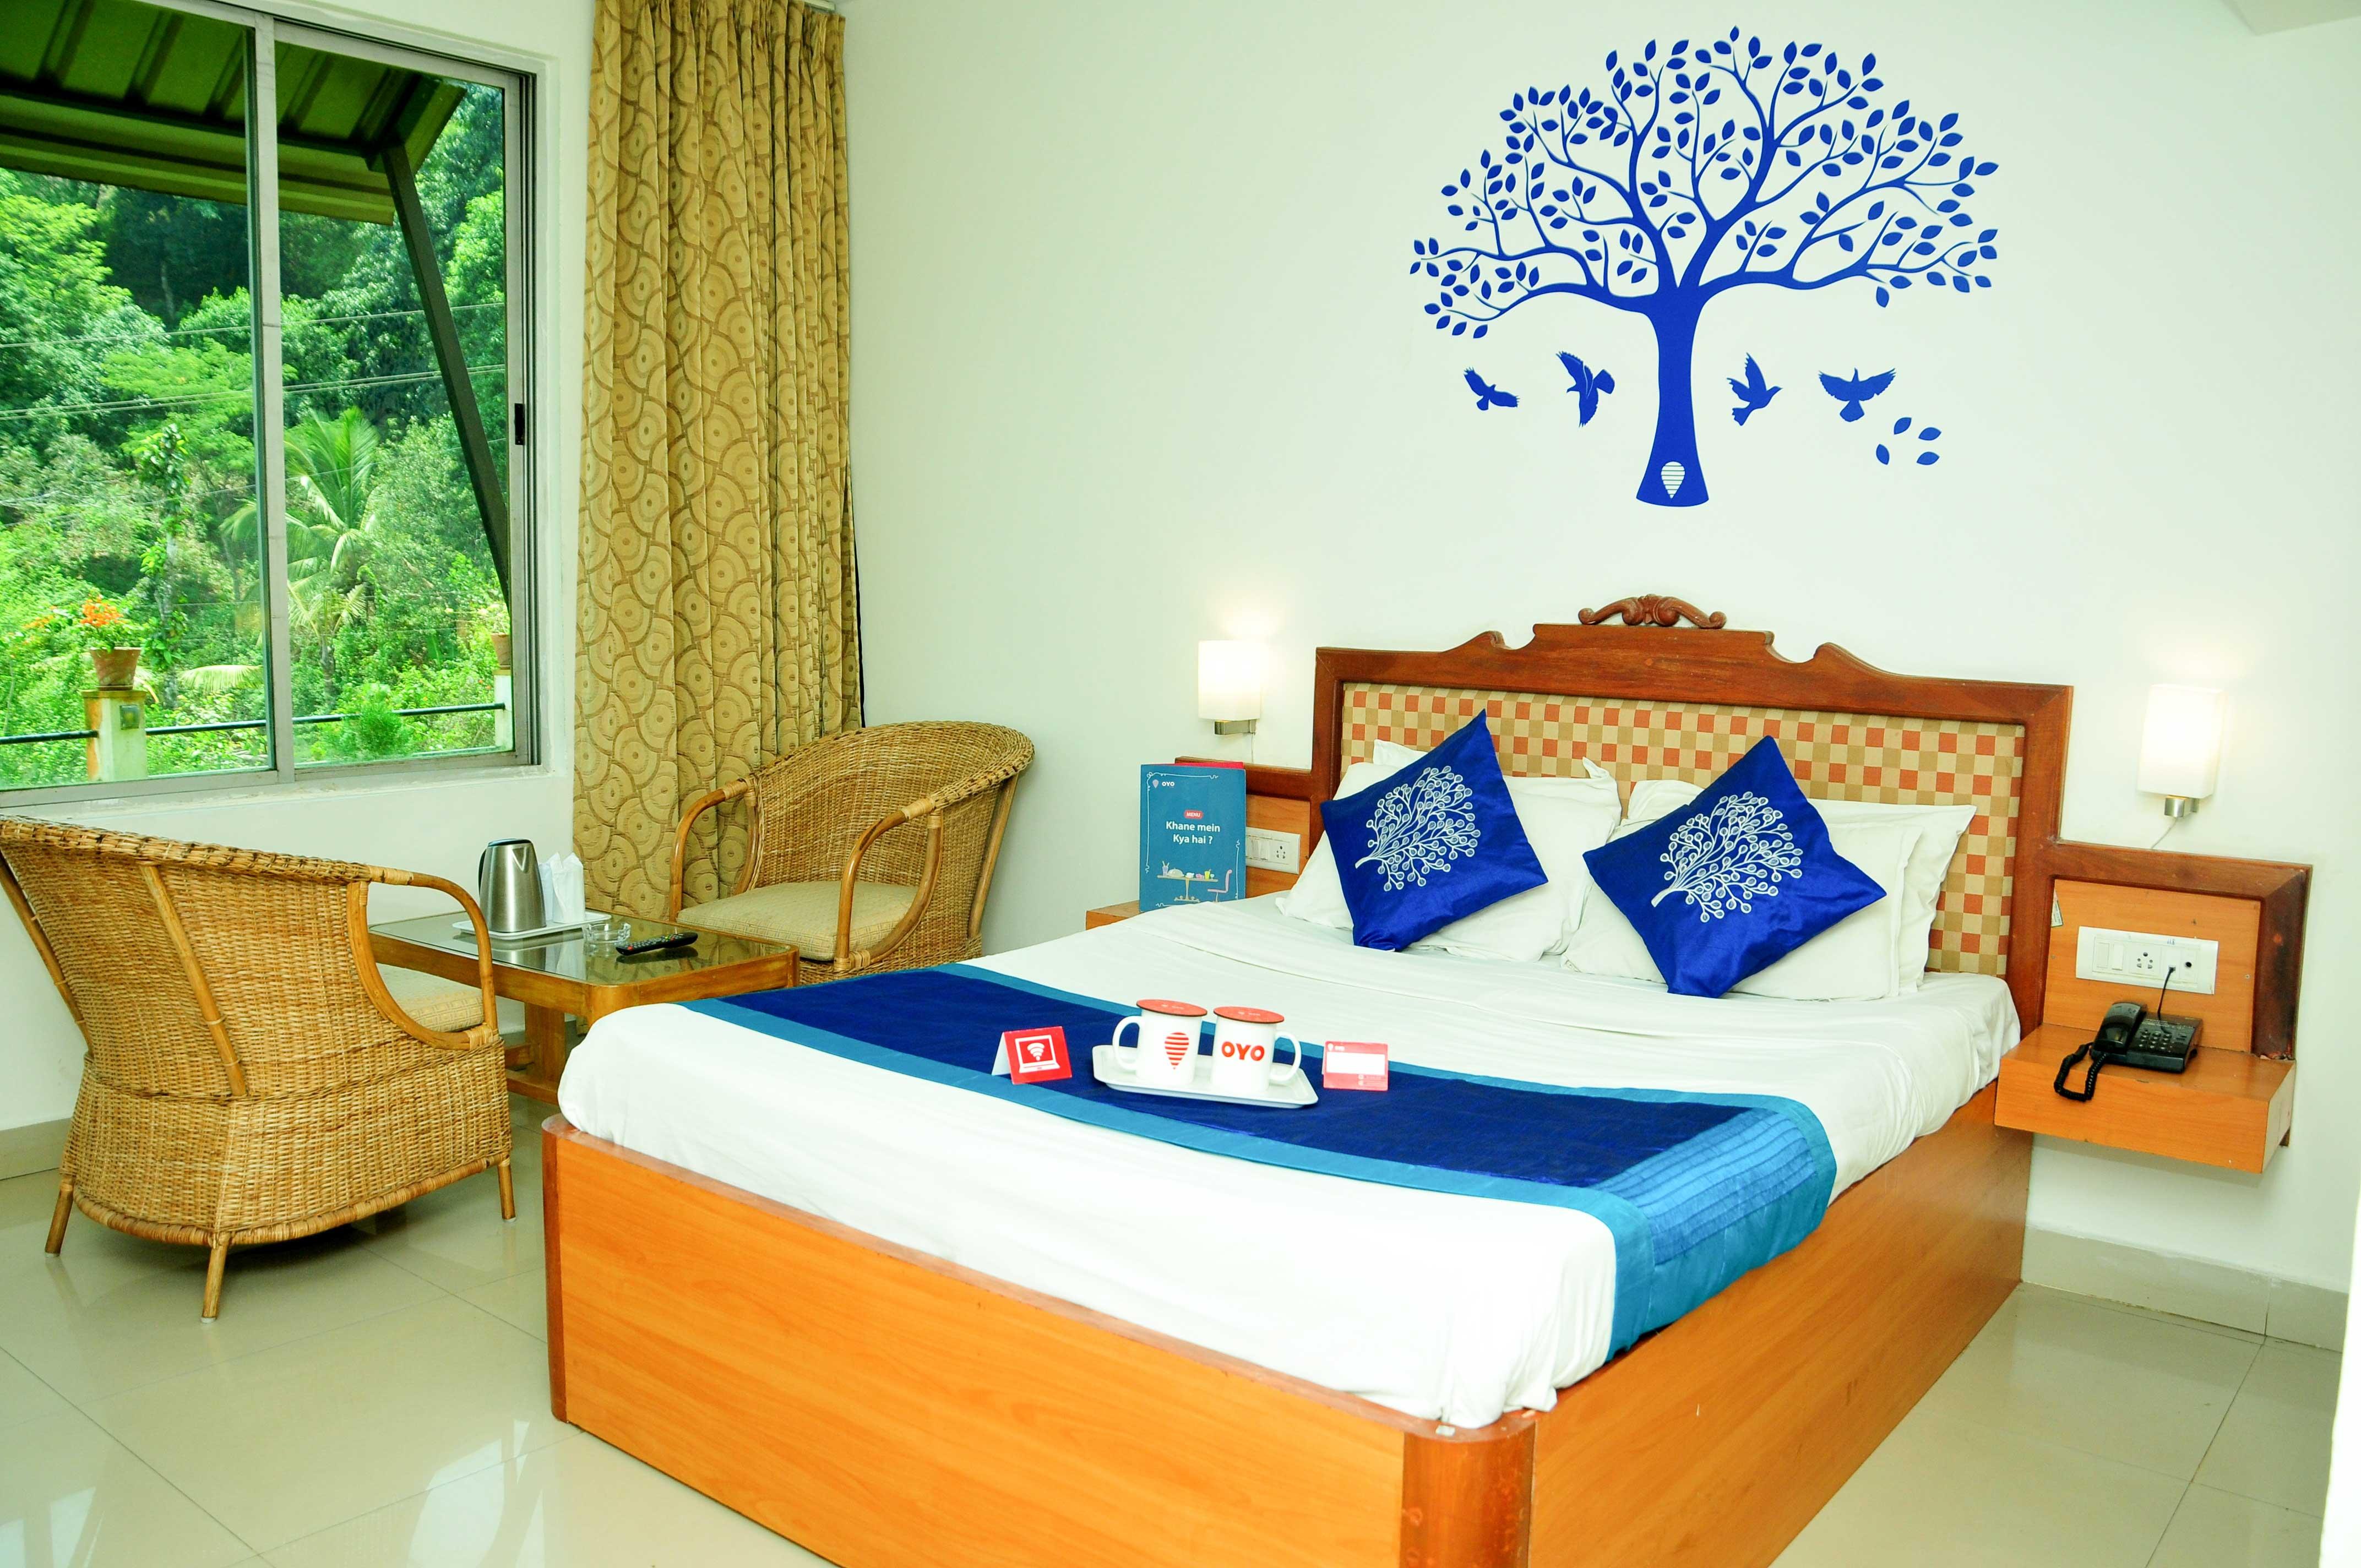 OYO 4967 Sri Venkateswara Residency in Kodagu